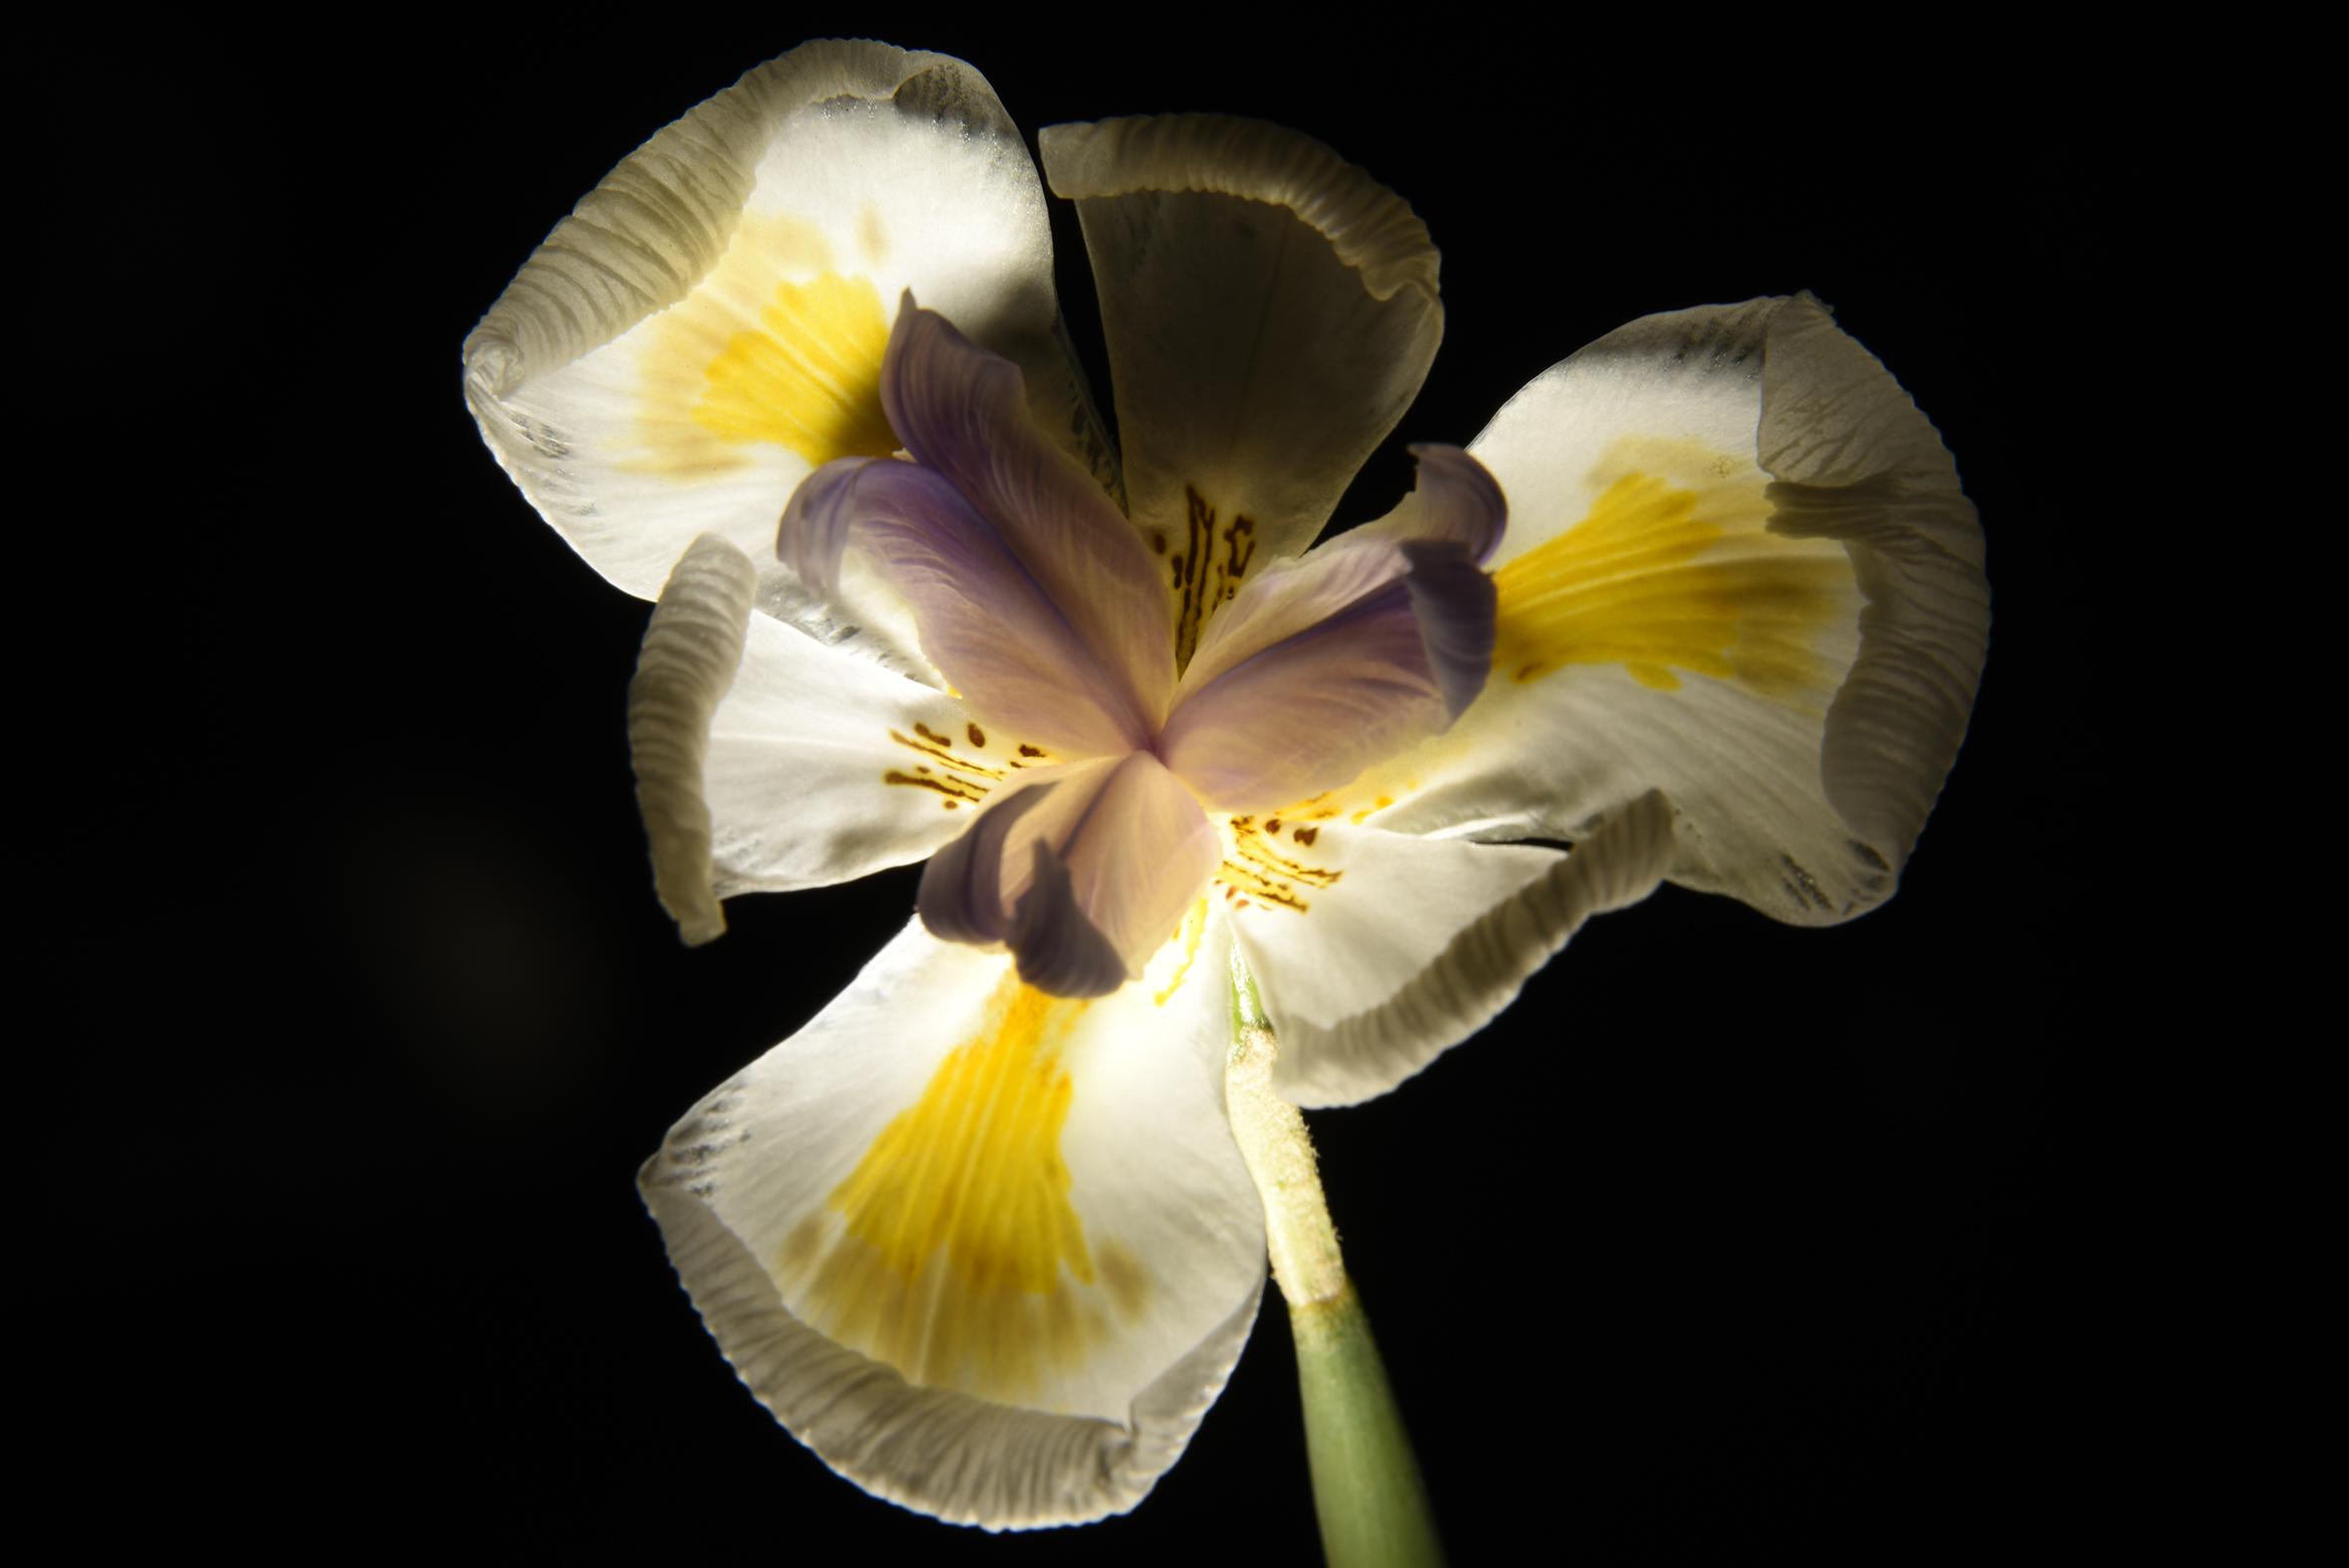 flora light